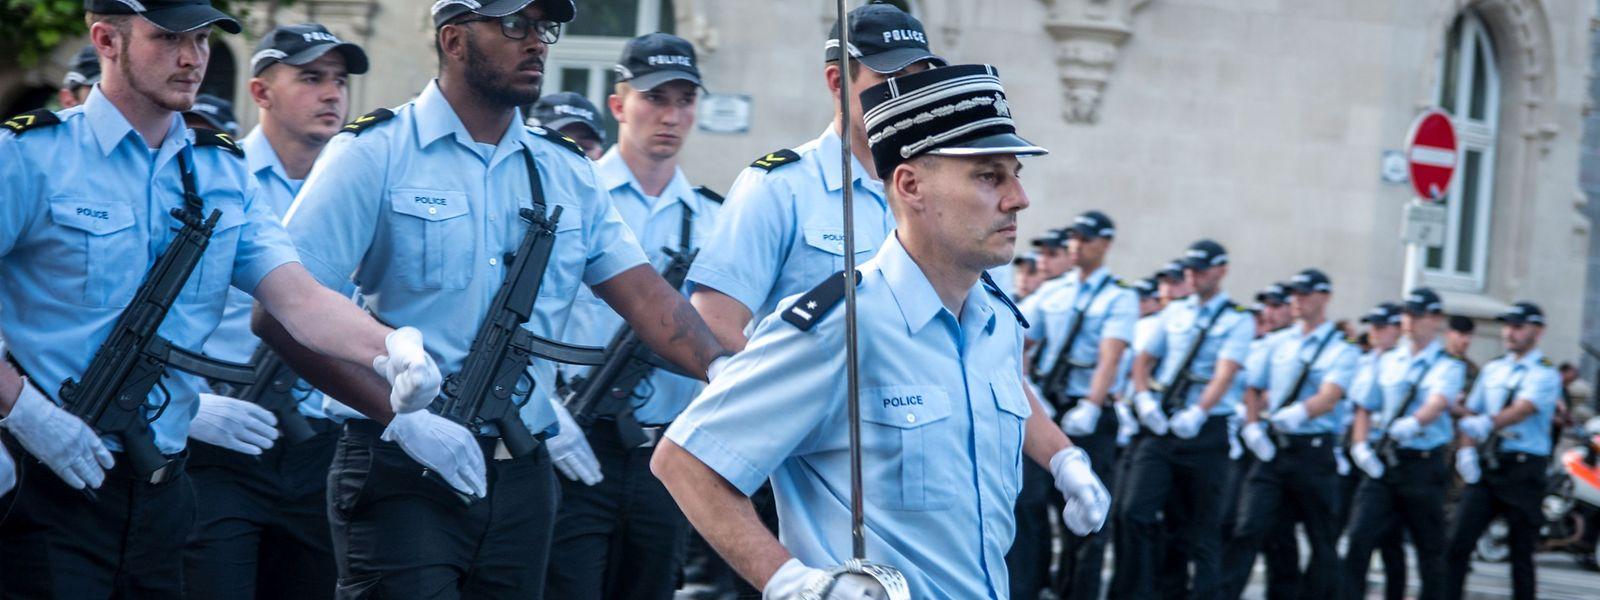 Der Reformtext stärkt die Polizei offenbar mehr als dem Staatsrat geheuer ist.